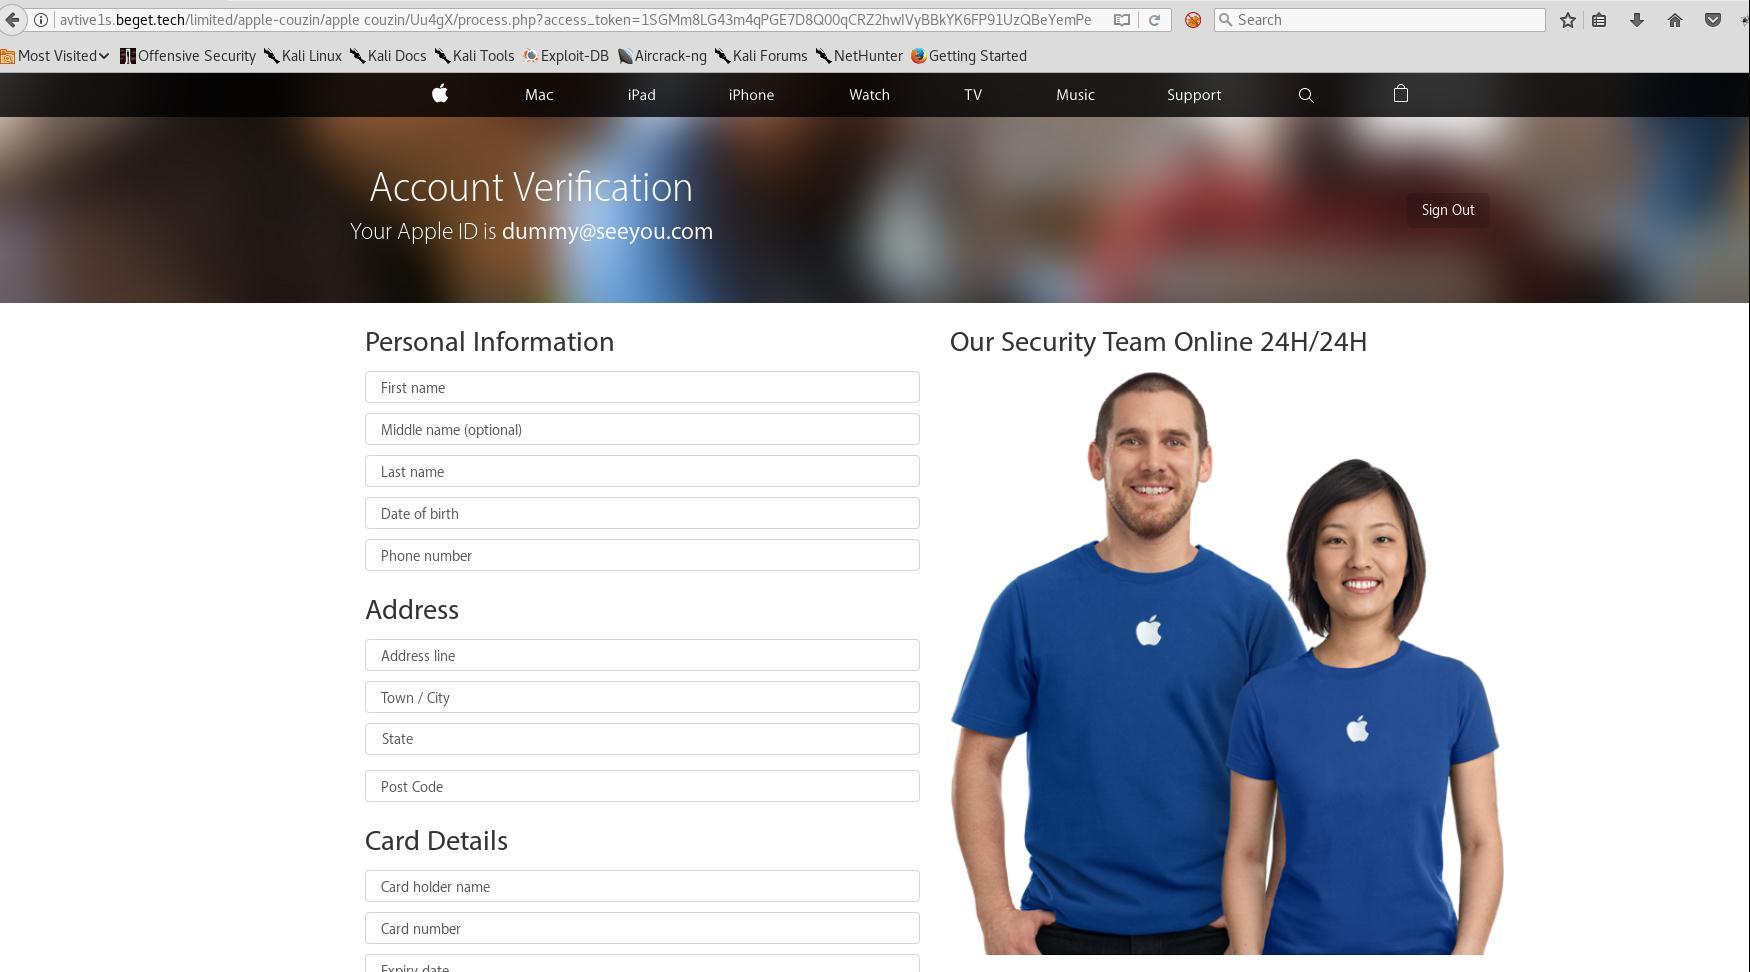 假蘋果網站會要求使用者提供個人資訊和金融帳號資訊